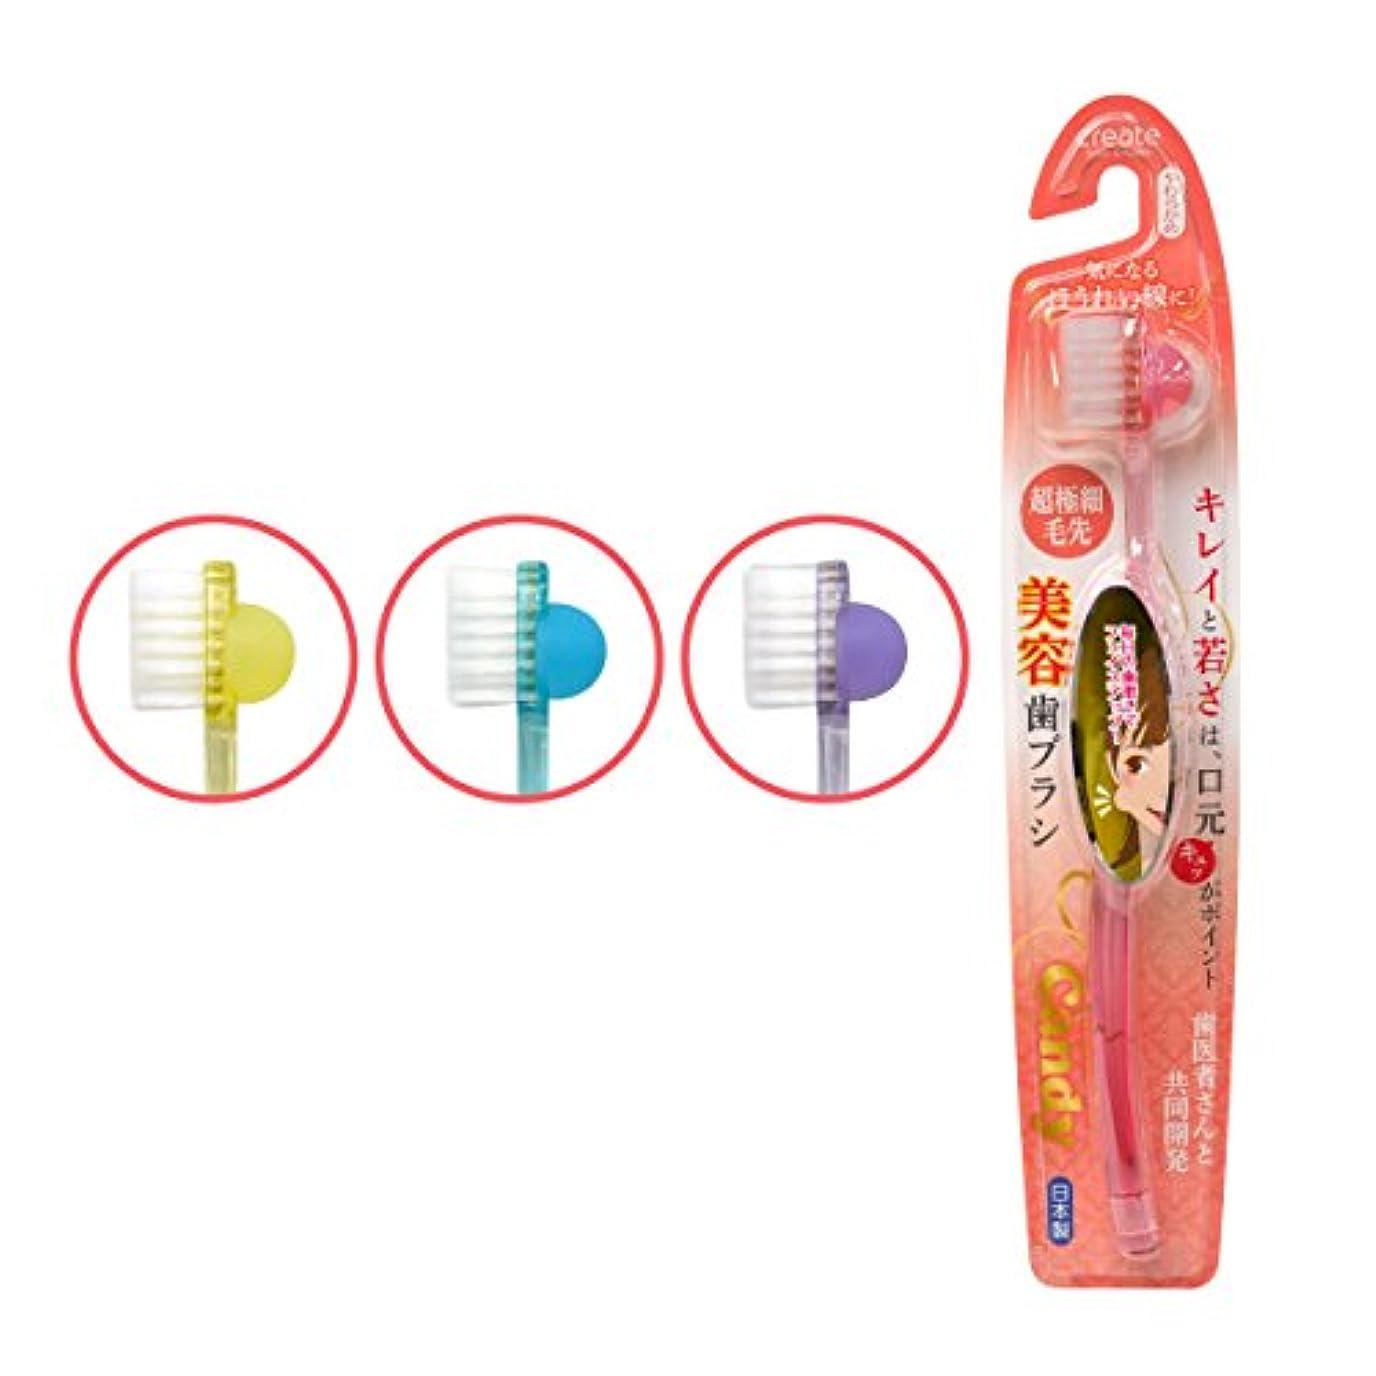 下位たとえファランクスcandy(キャンディー)美容歯ブラシ やわらかめ 3本セット ※カラーランダム